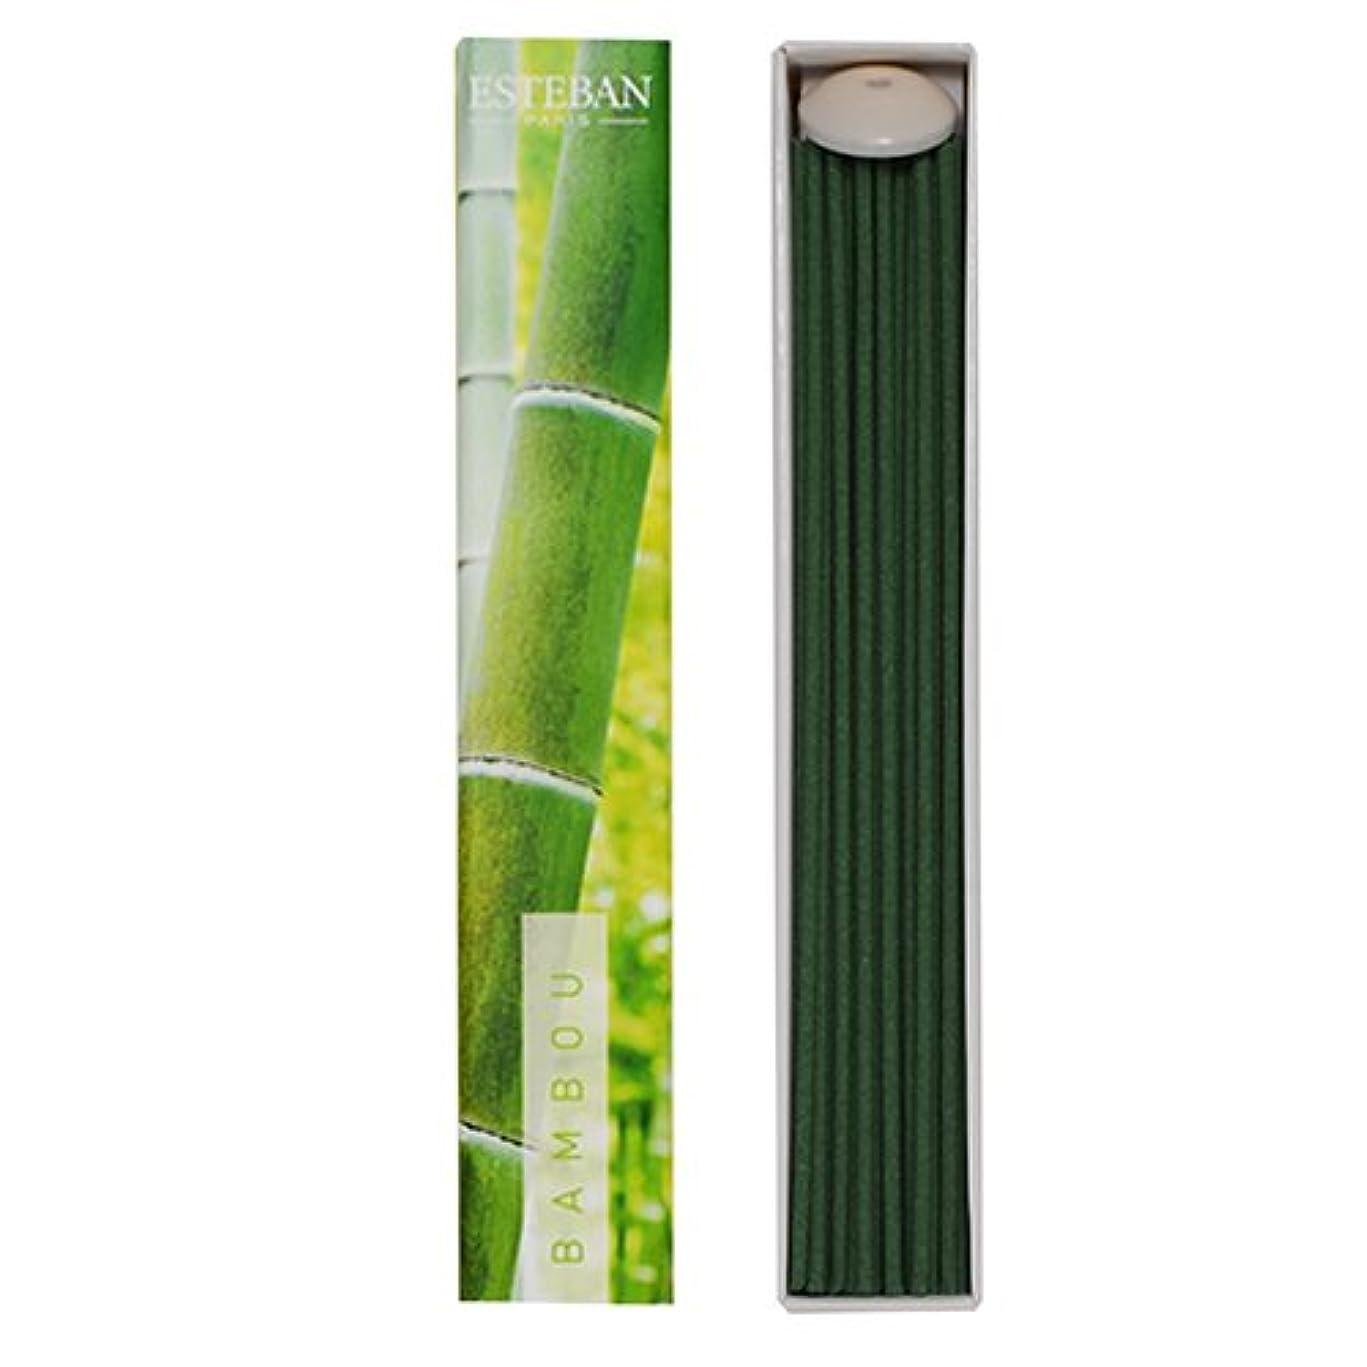 忘れられないバンシュートエステバンのお香 エスプリドナチュール バンブー(竹)スティック